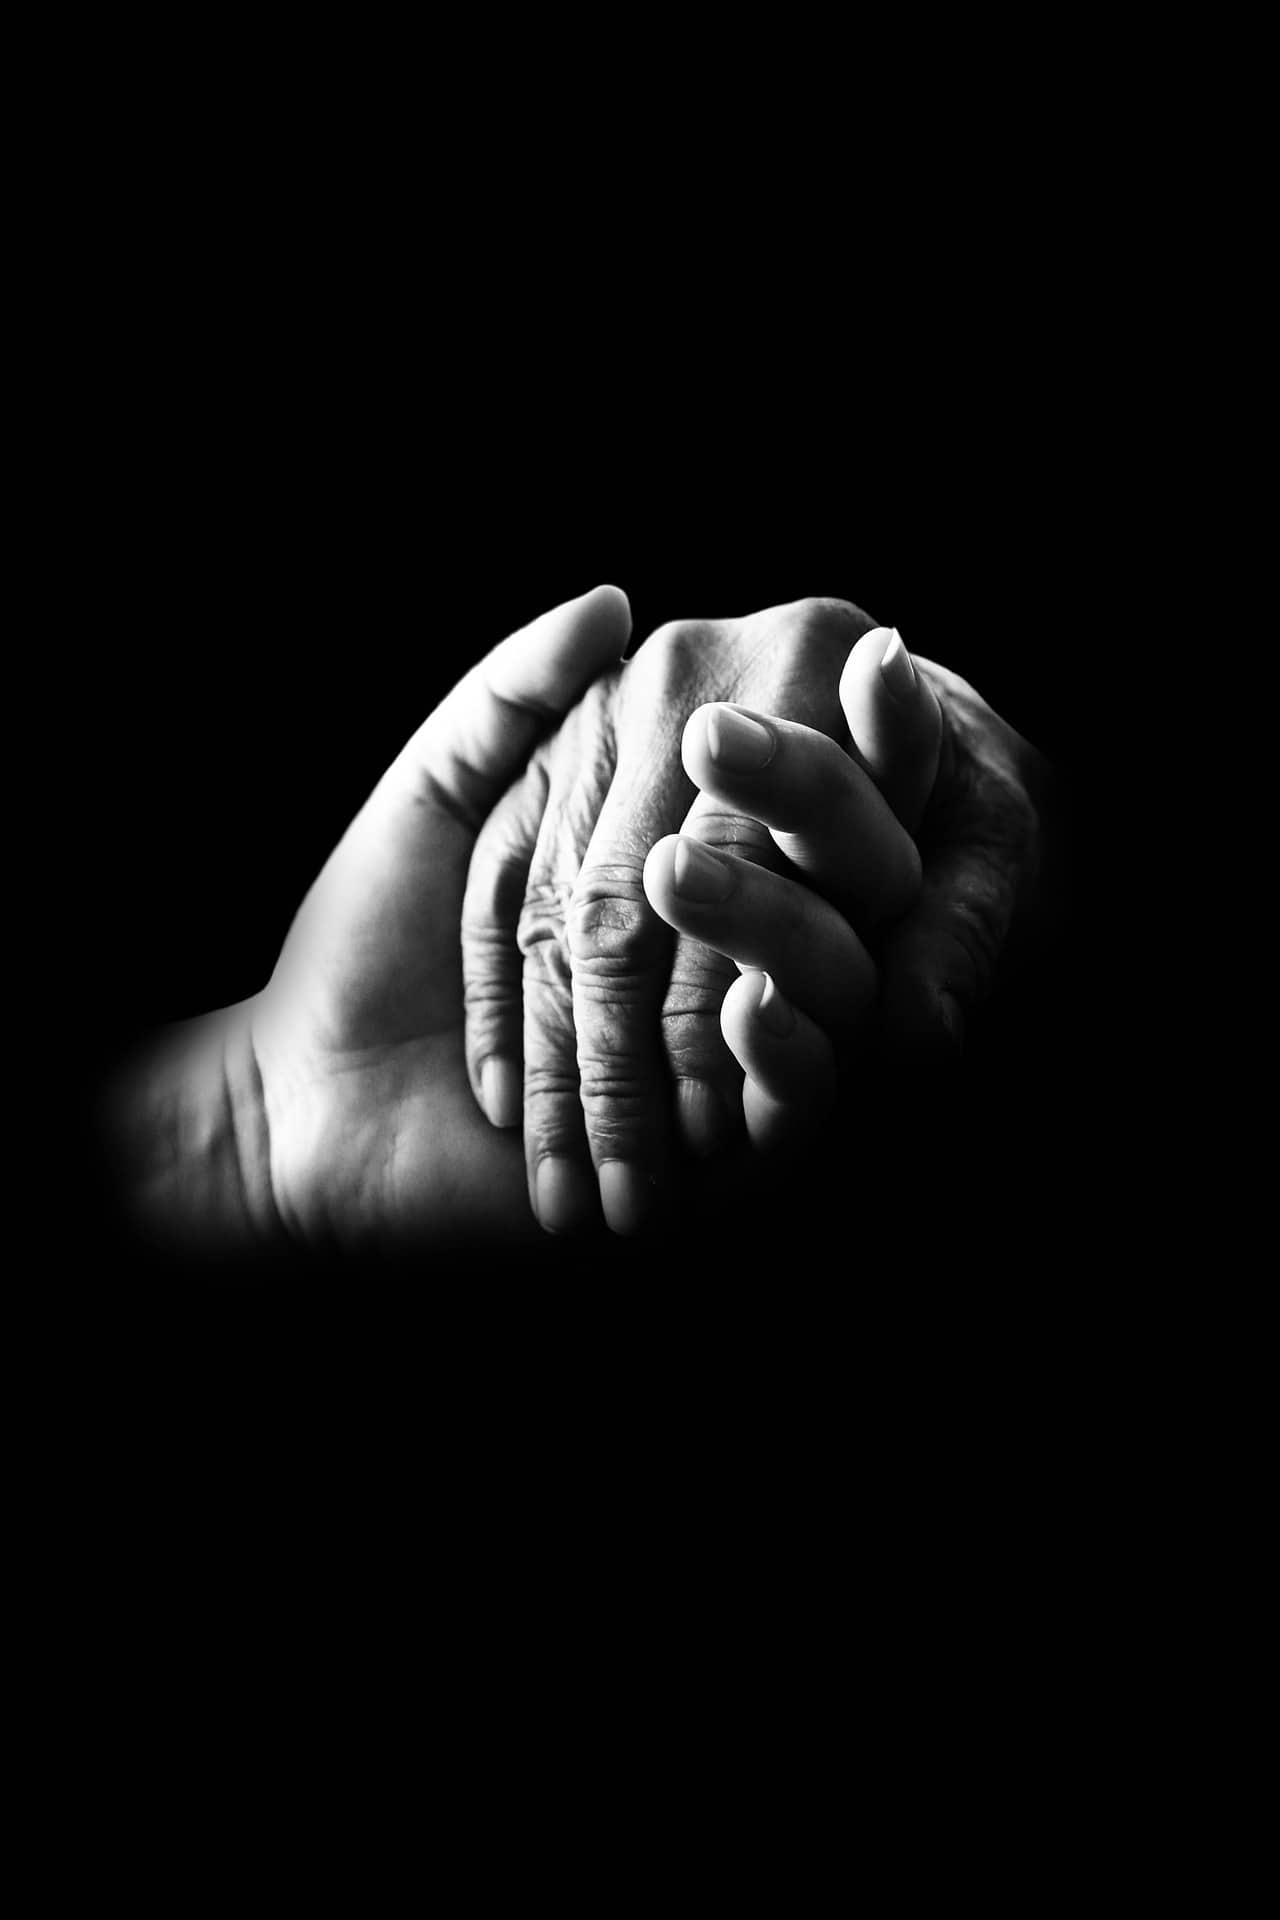 13 novembre 2015, Journée mondiale de la gentillesse : à quoi ça sert ?